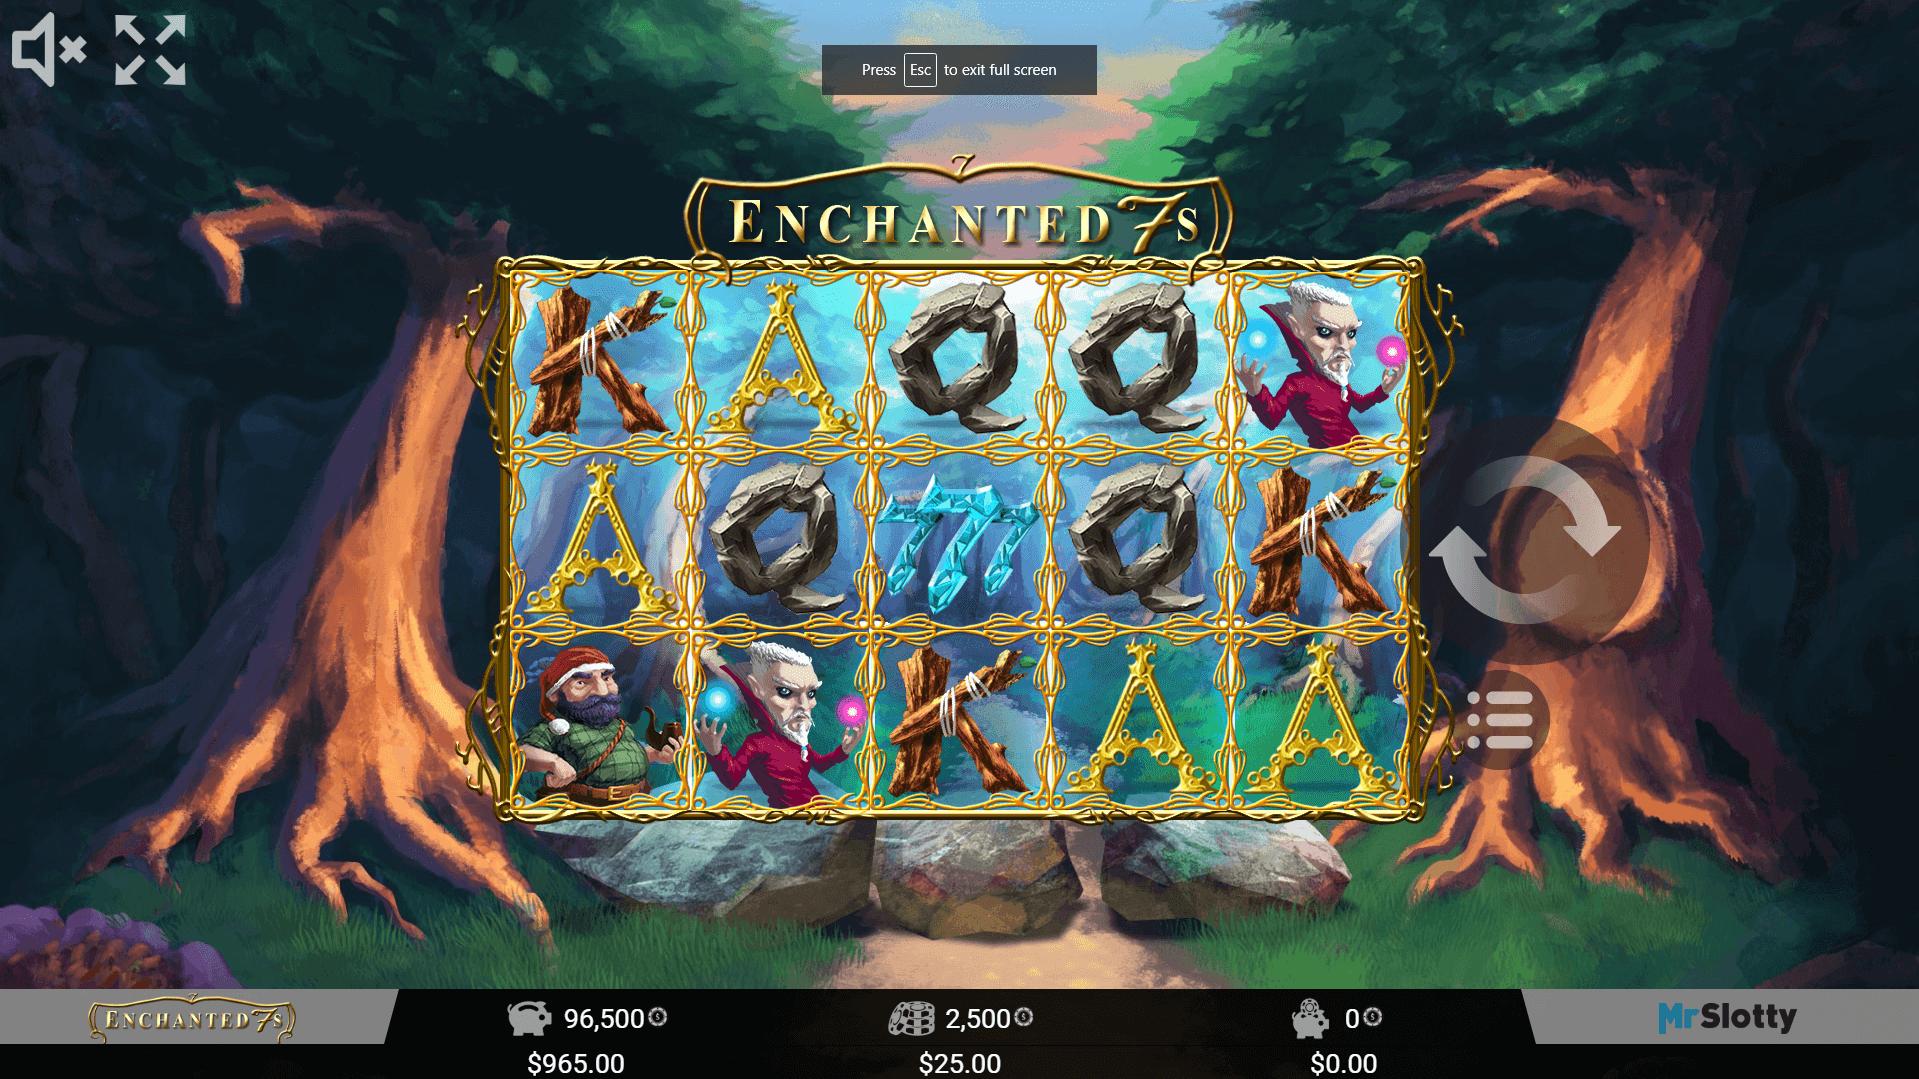 Enchanted Slots